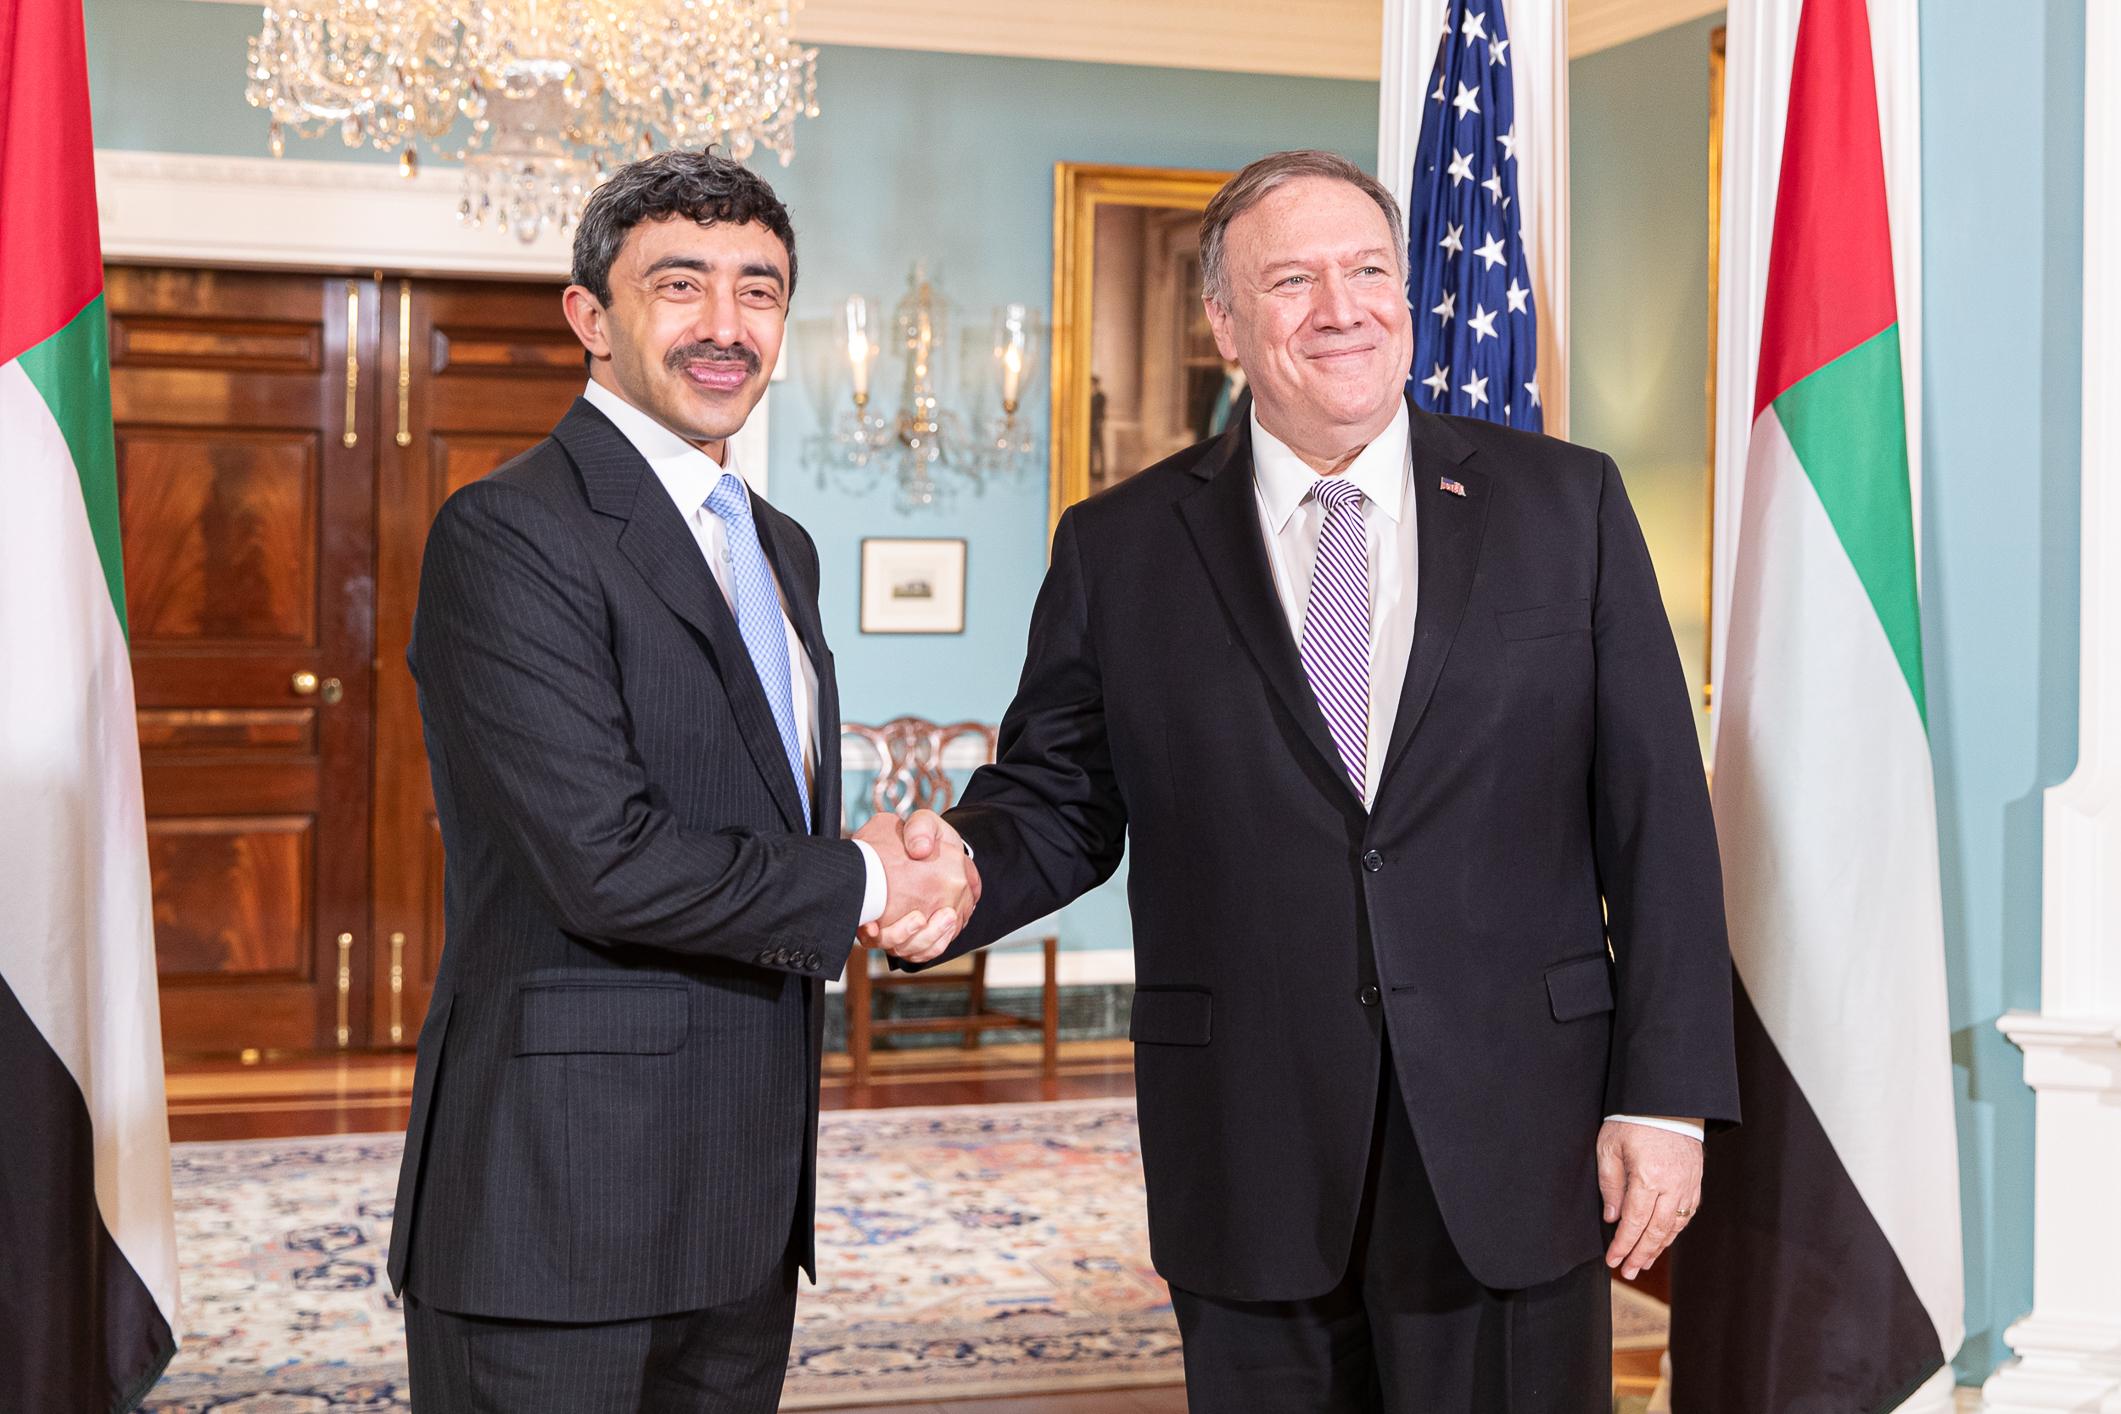 عبدالله بن زايد يلتقي كبار المسؤولين بالحكومة الأمريكية والكونجرس